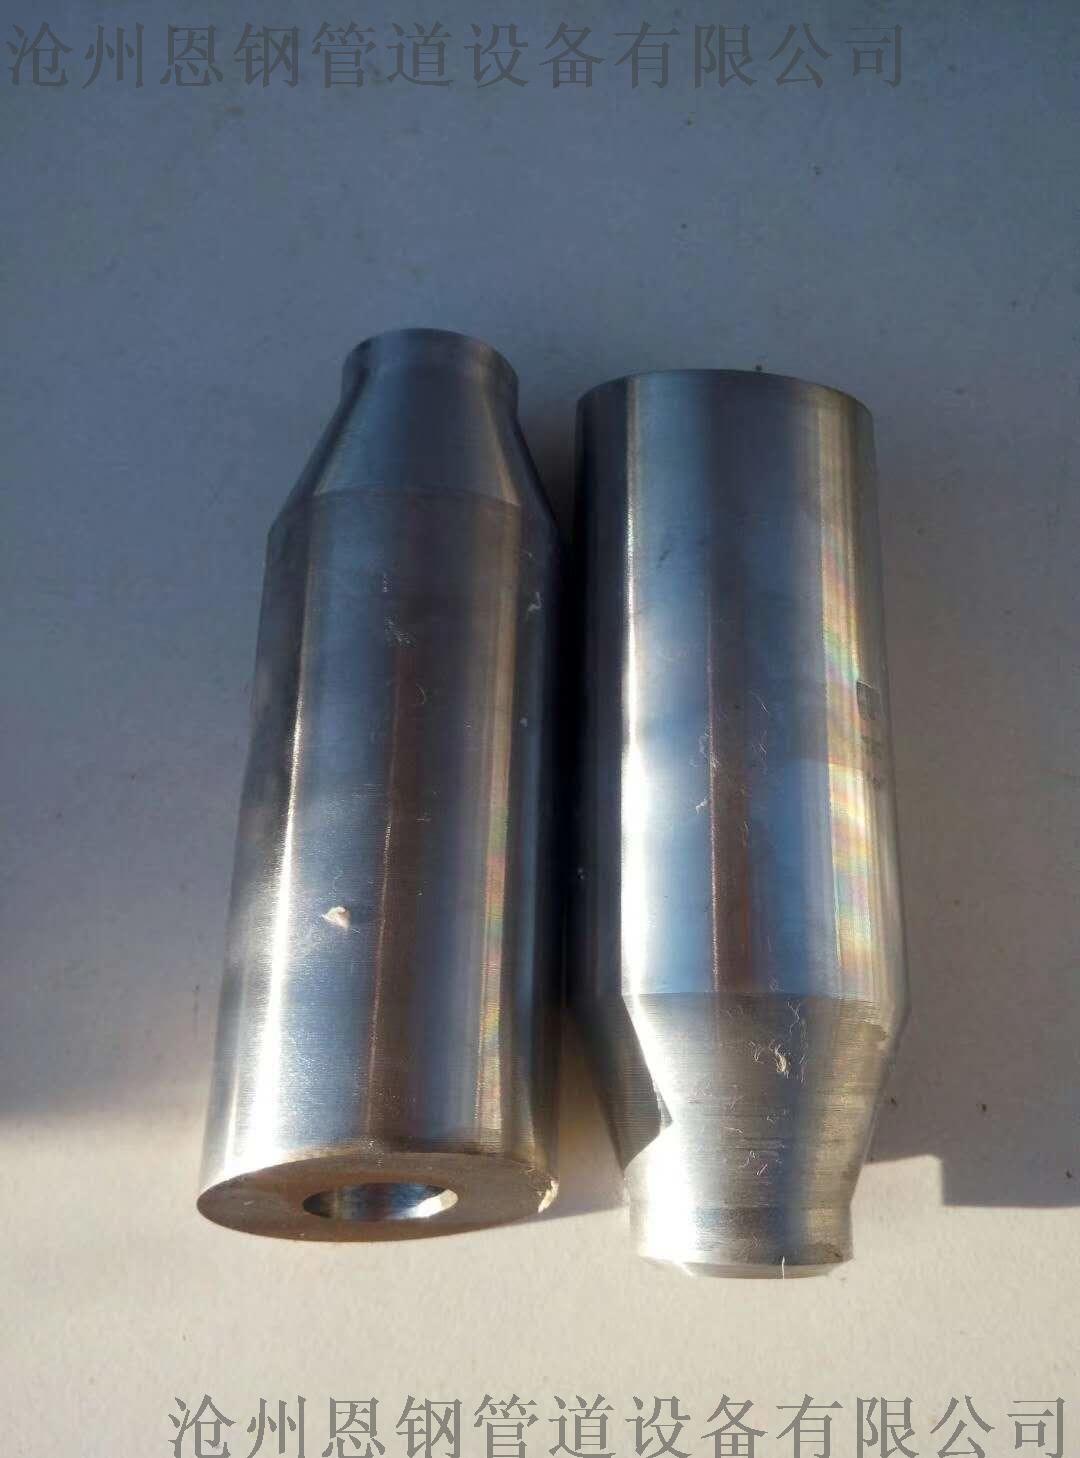 鍛制鋼管、合金鍛制鋼管、鍛管796314125